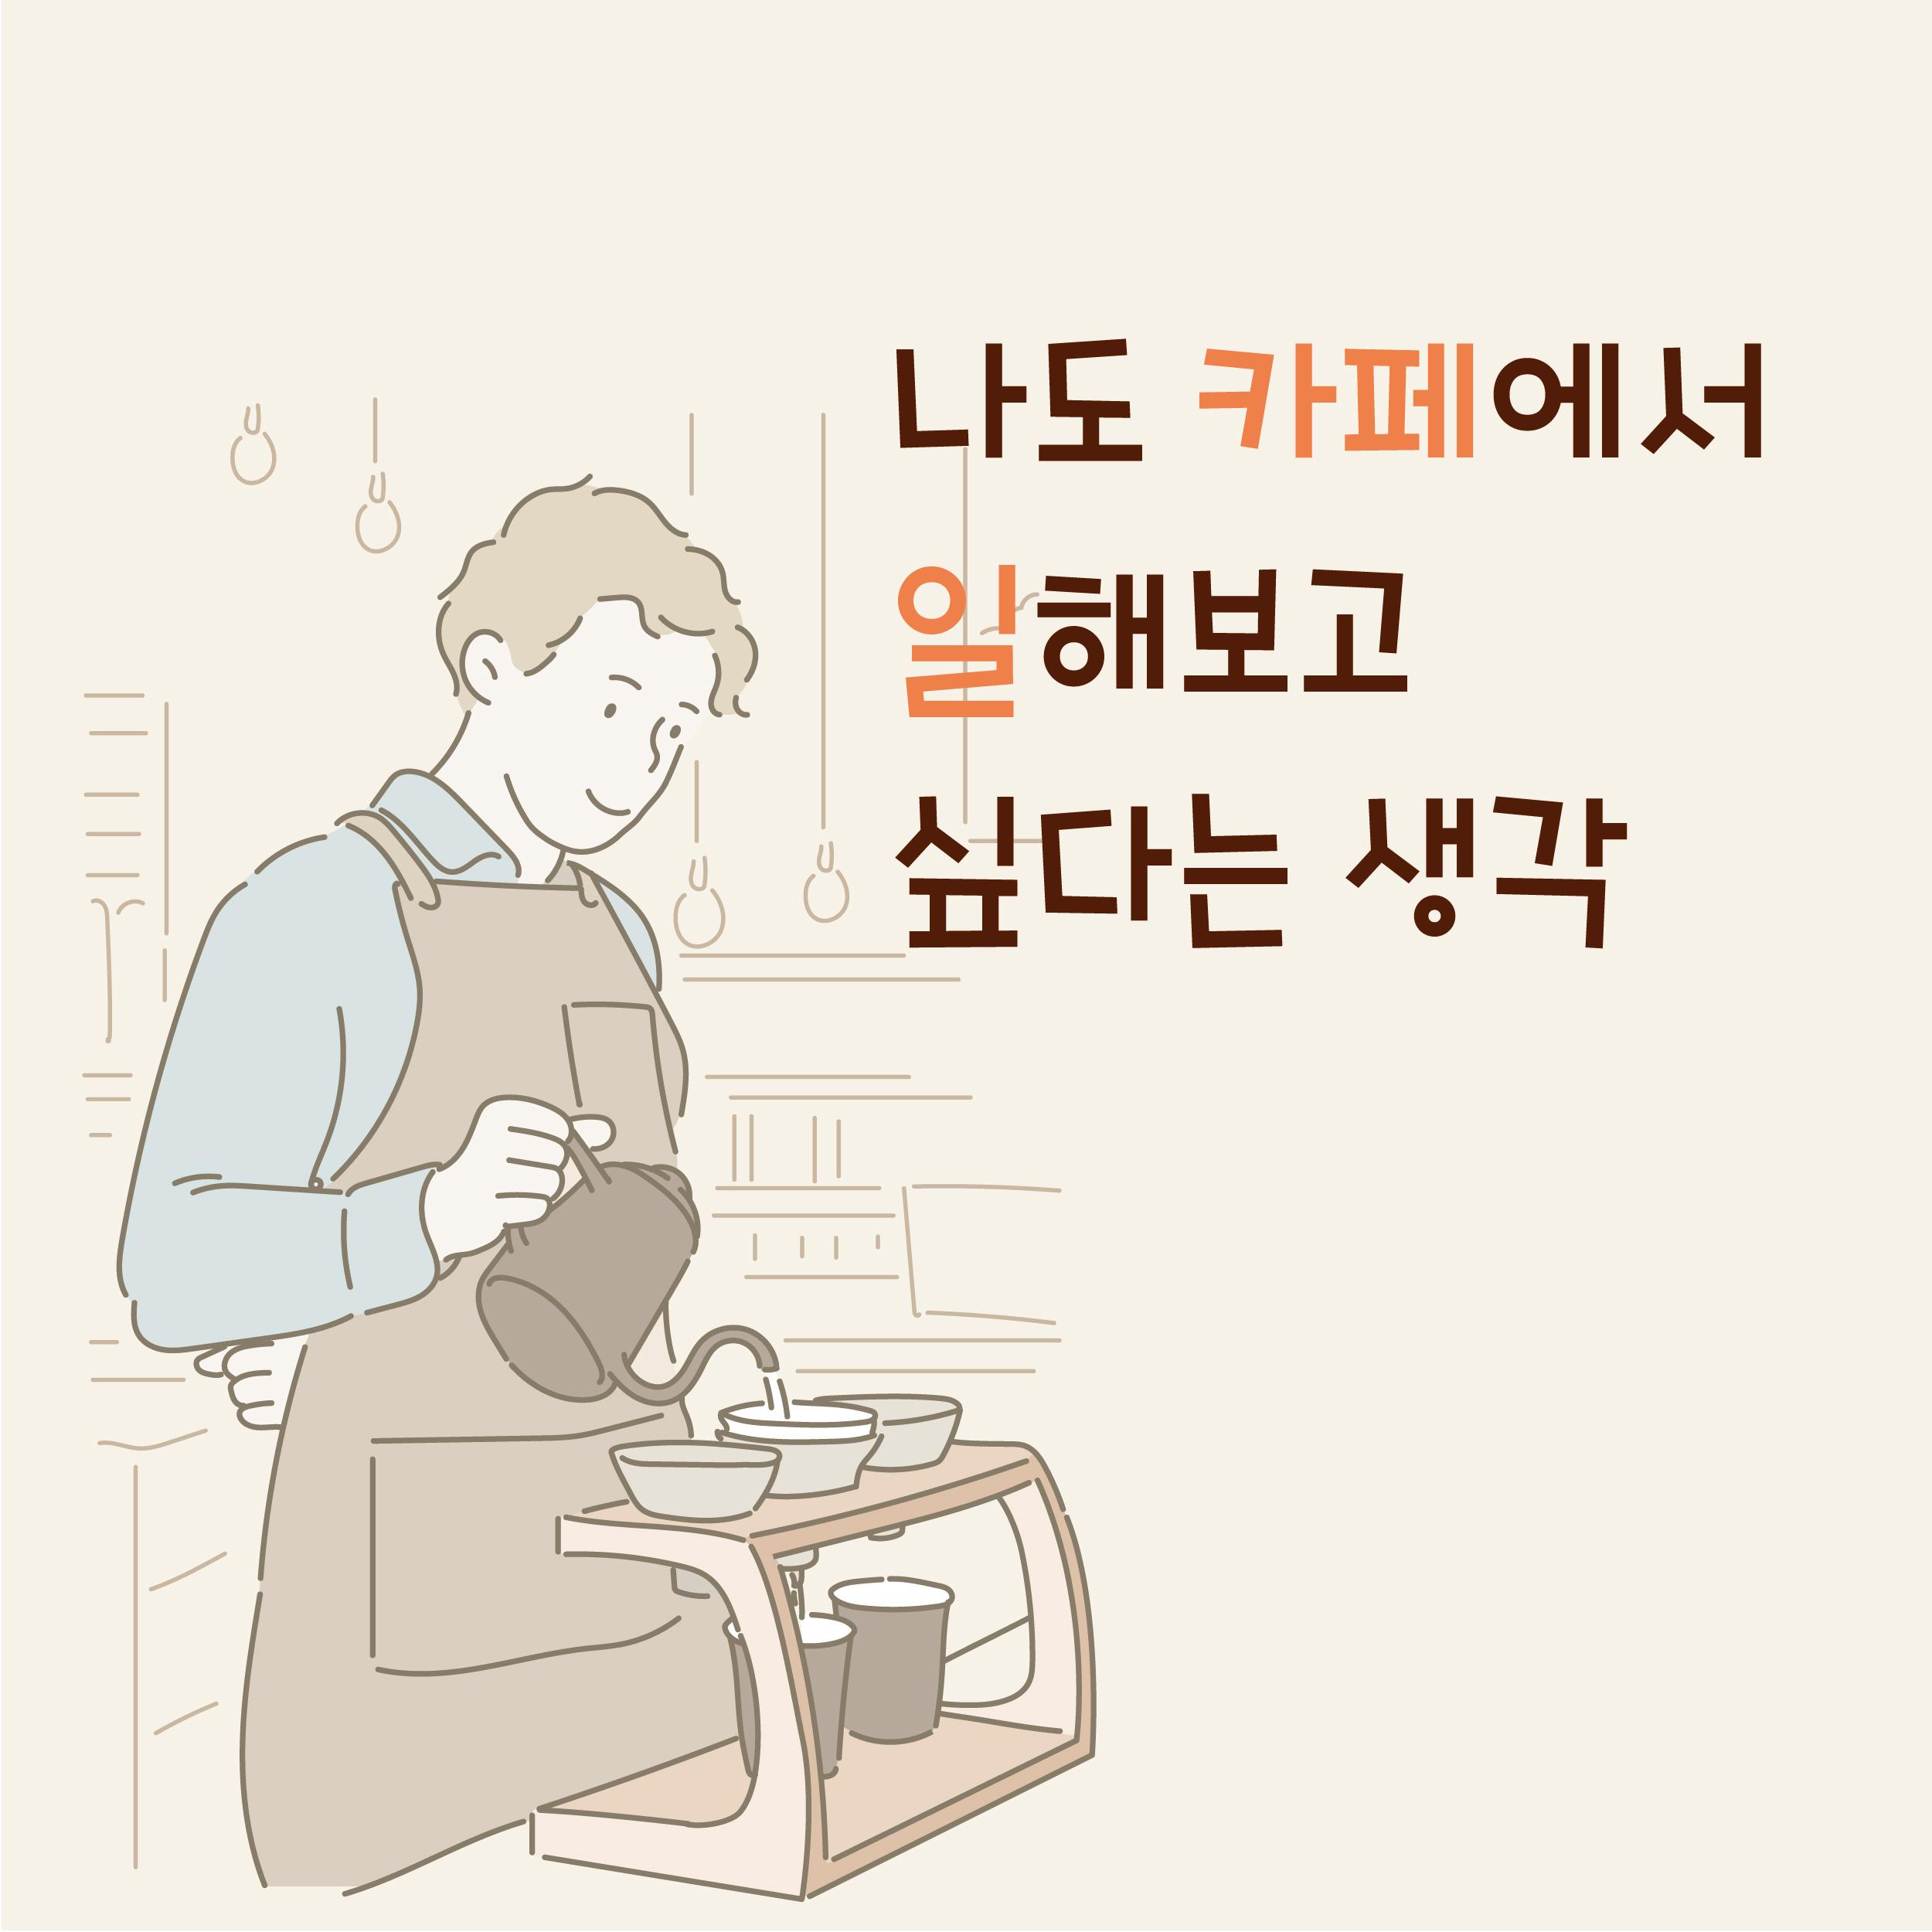 [길찾기학교 참가자모집] '카페'팀에 함께 해요~! ^0^/